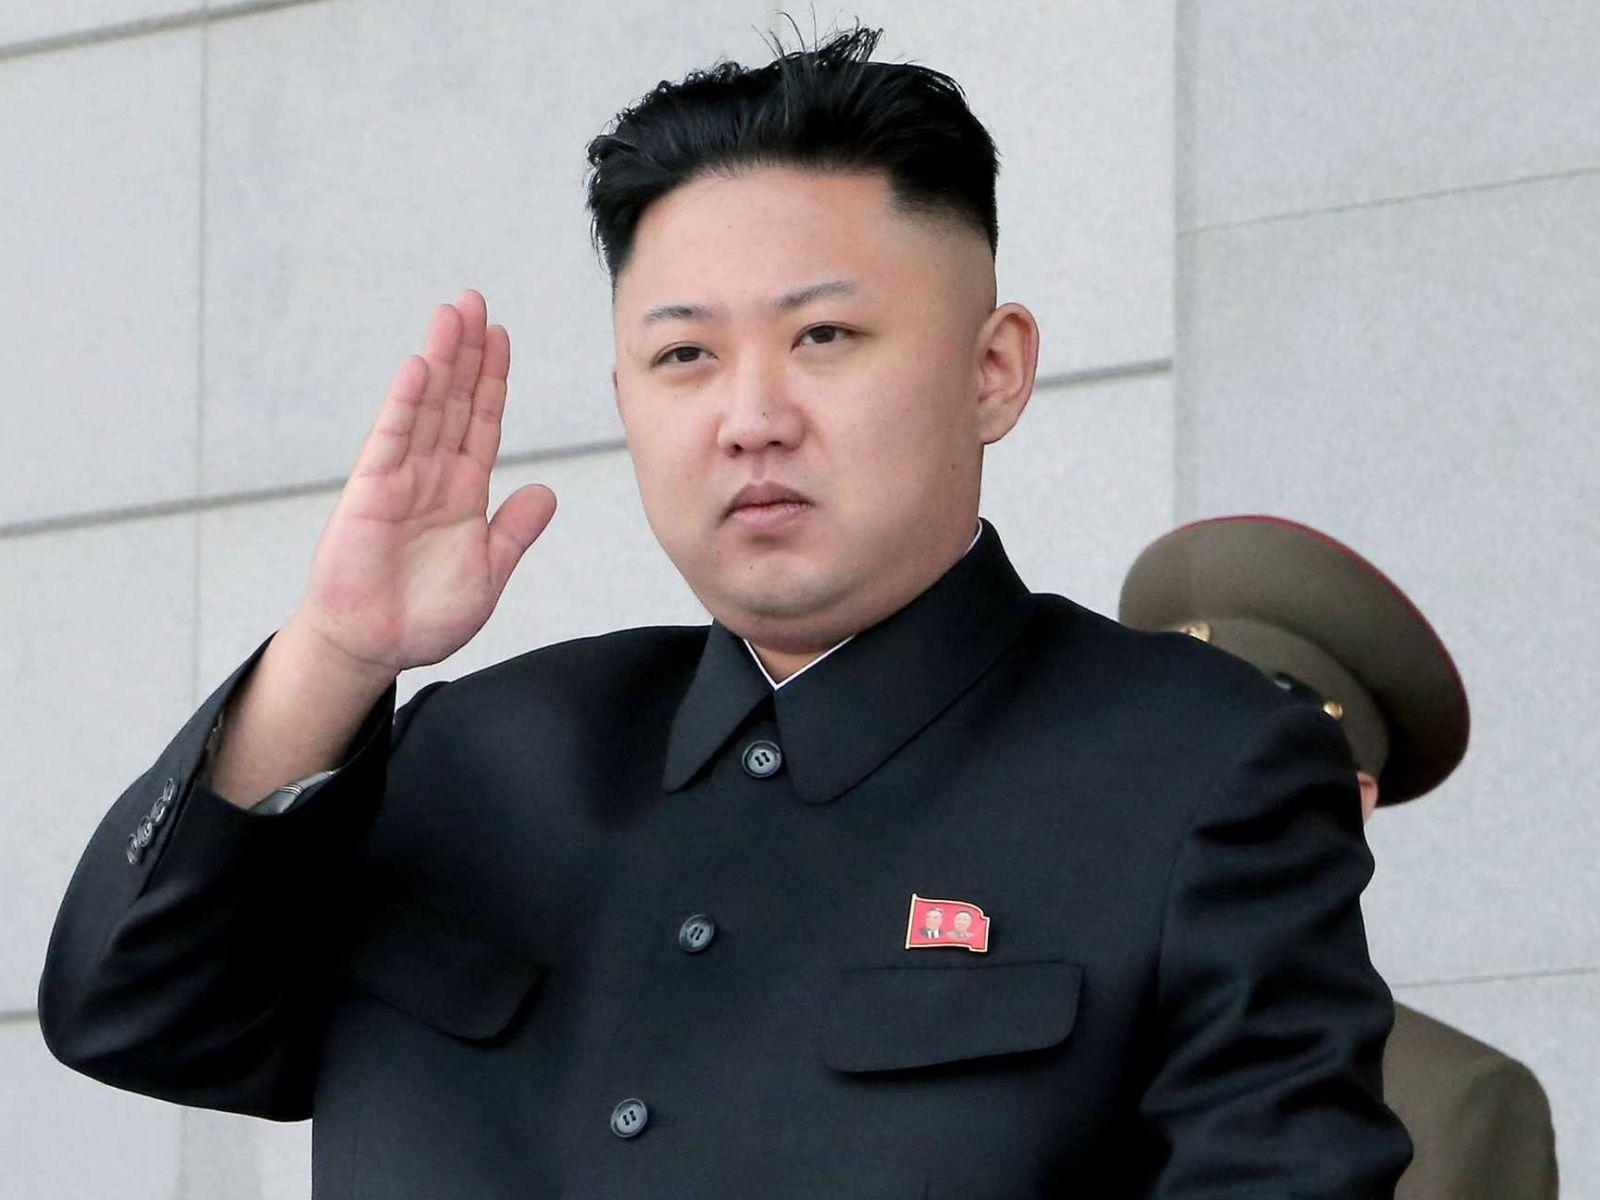 """تعرف على رسالة زعيم كوريا الشمالية التى أرسلها لـ """"بشار الأسد"""""""